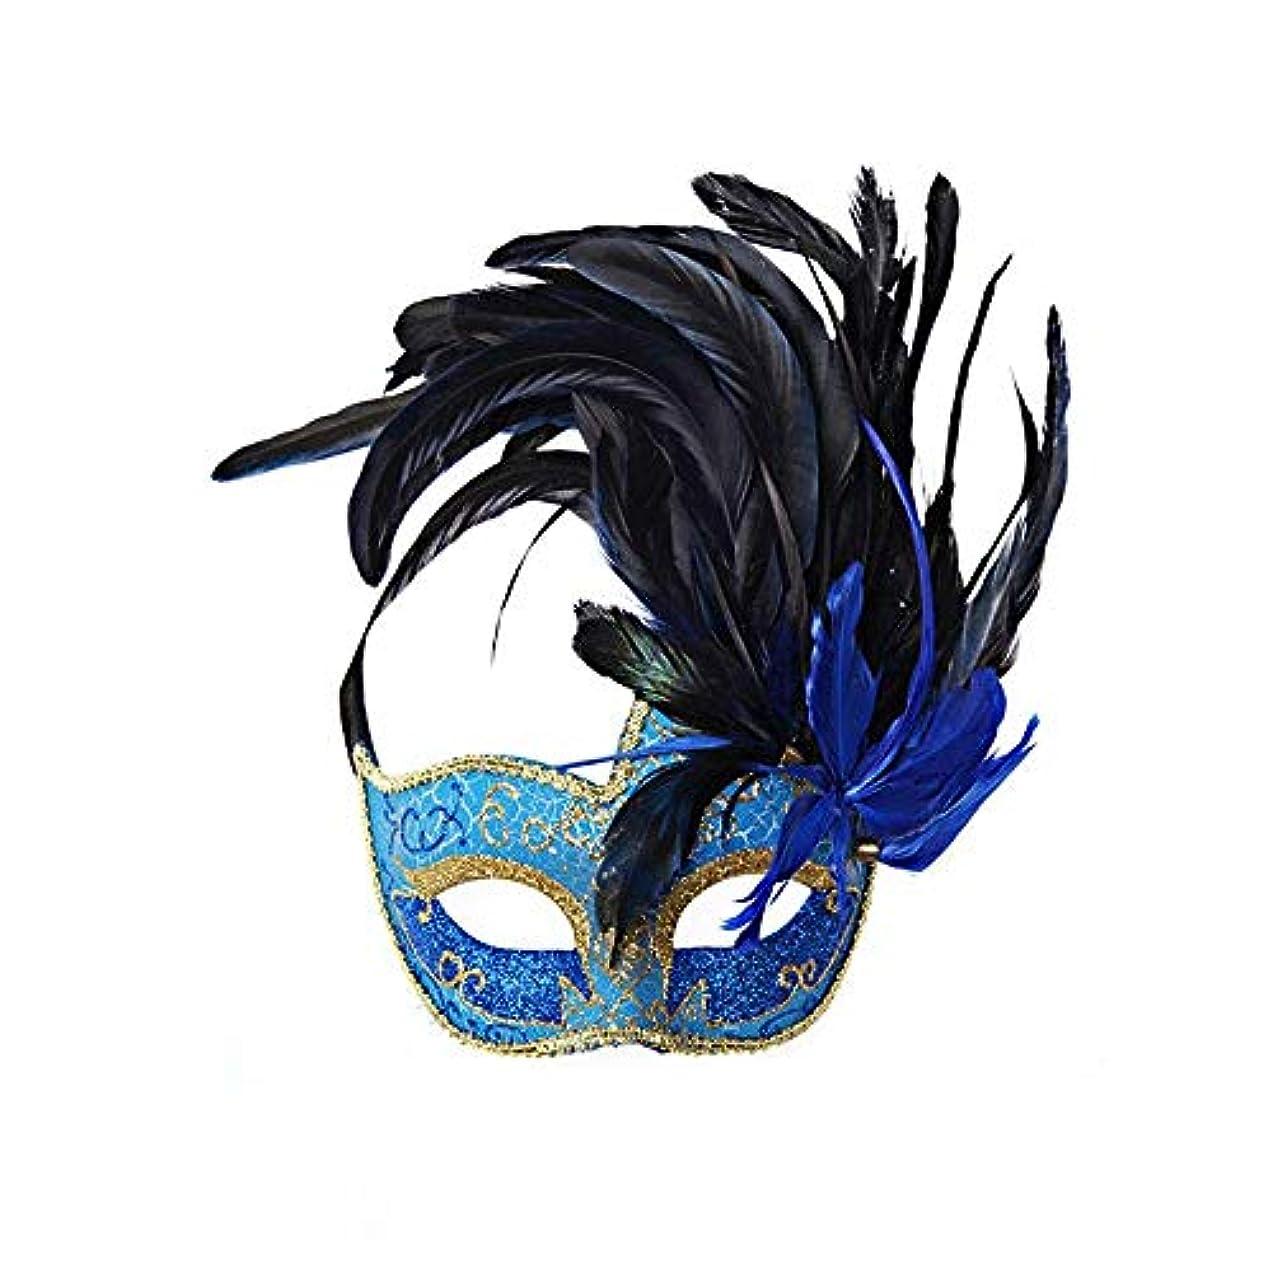 故障中現れる胸Nanle ハロウィンマスクハーフフェザーマスクベニスプリンセスマスク美容レース仮面ライダーコスプレ (色 : Style A blue)